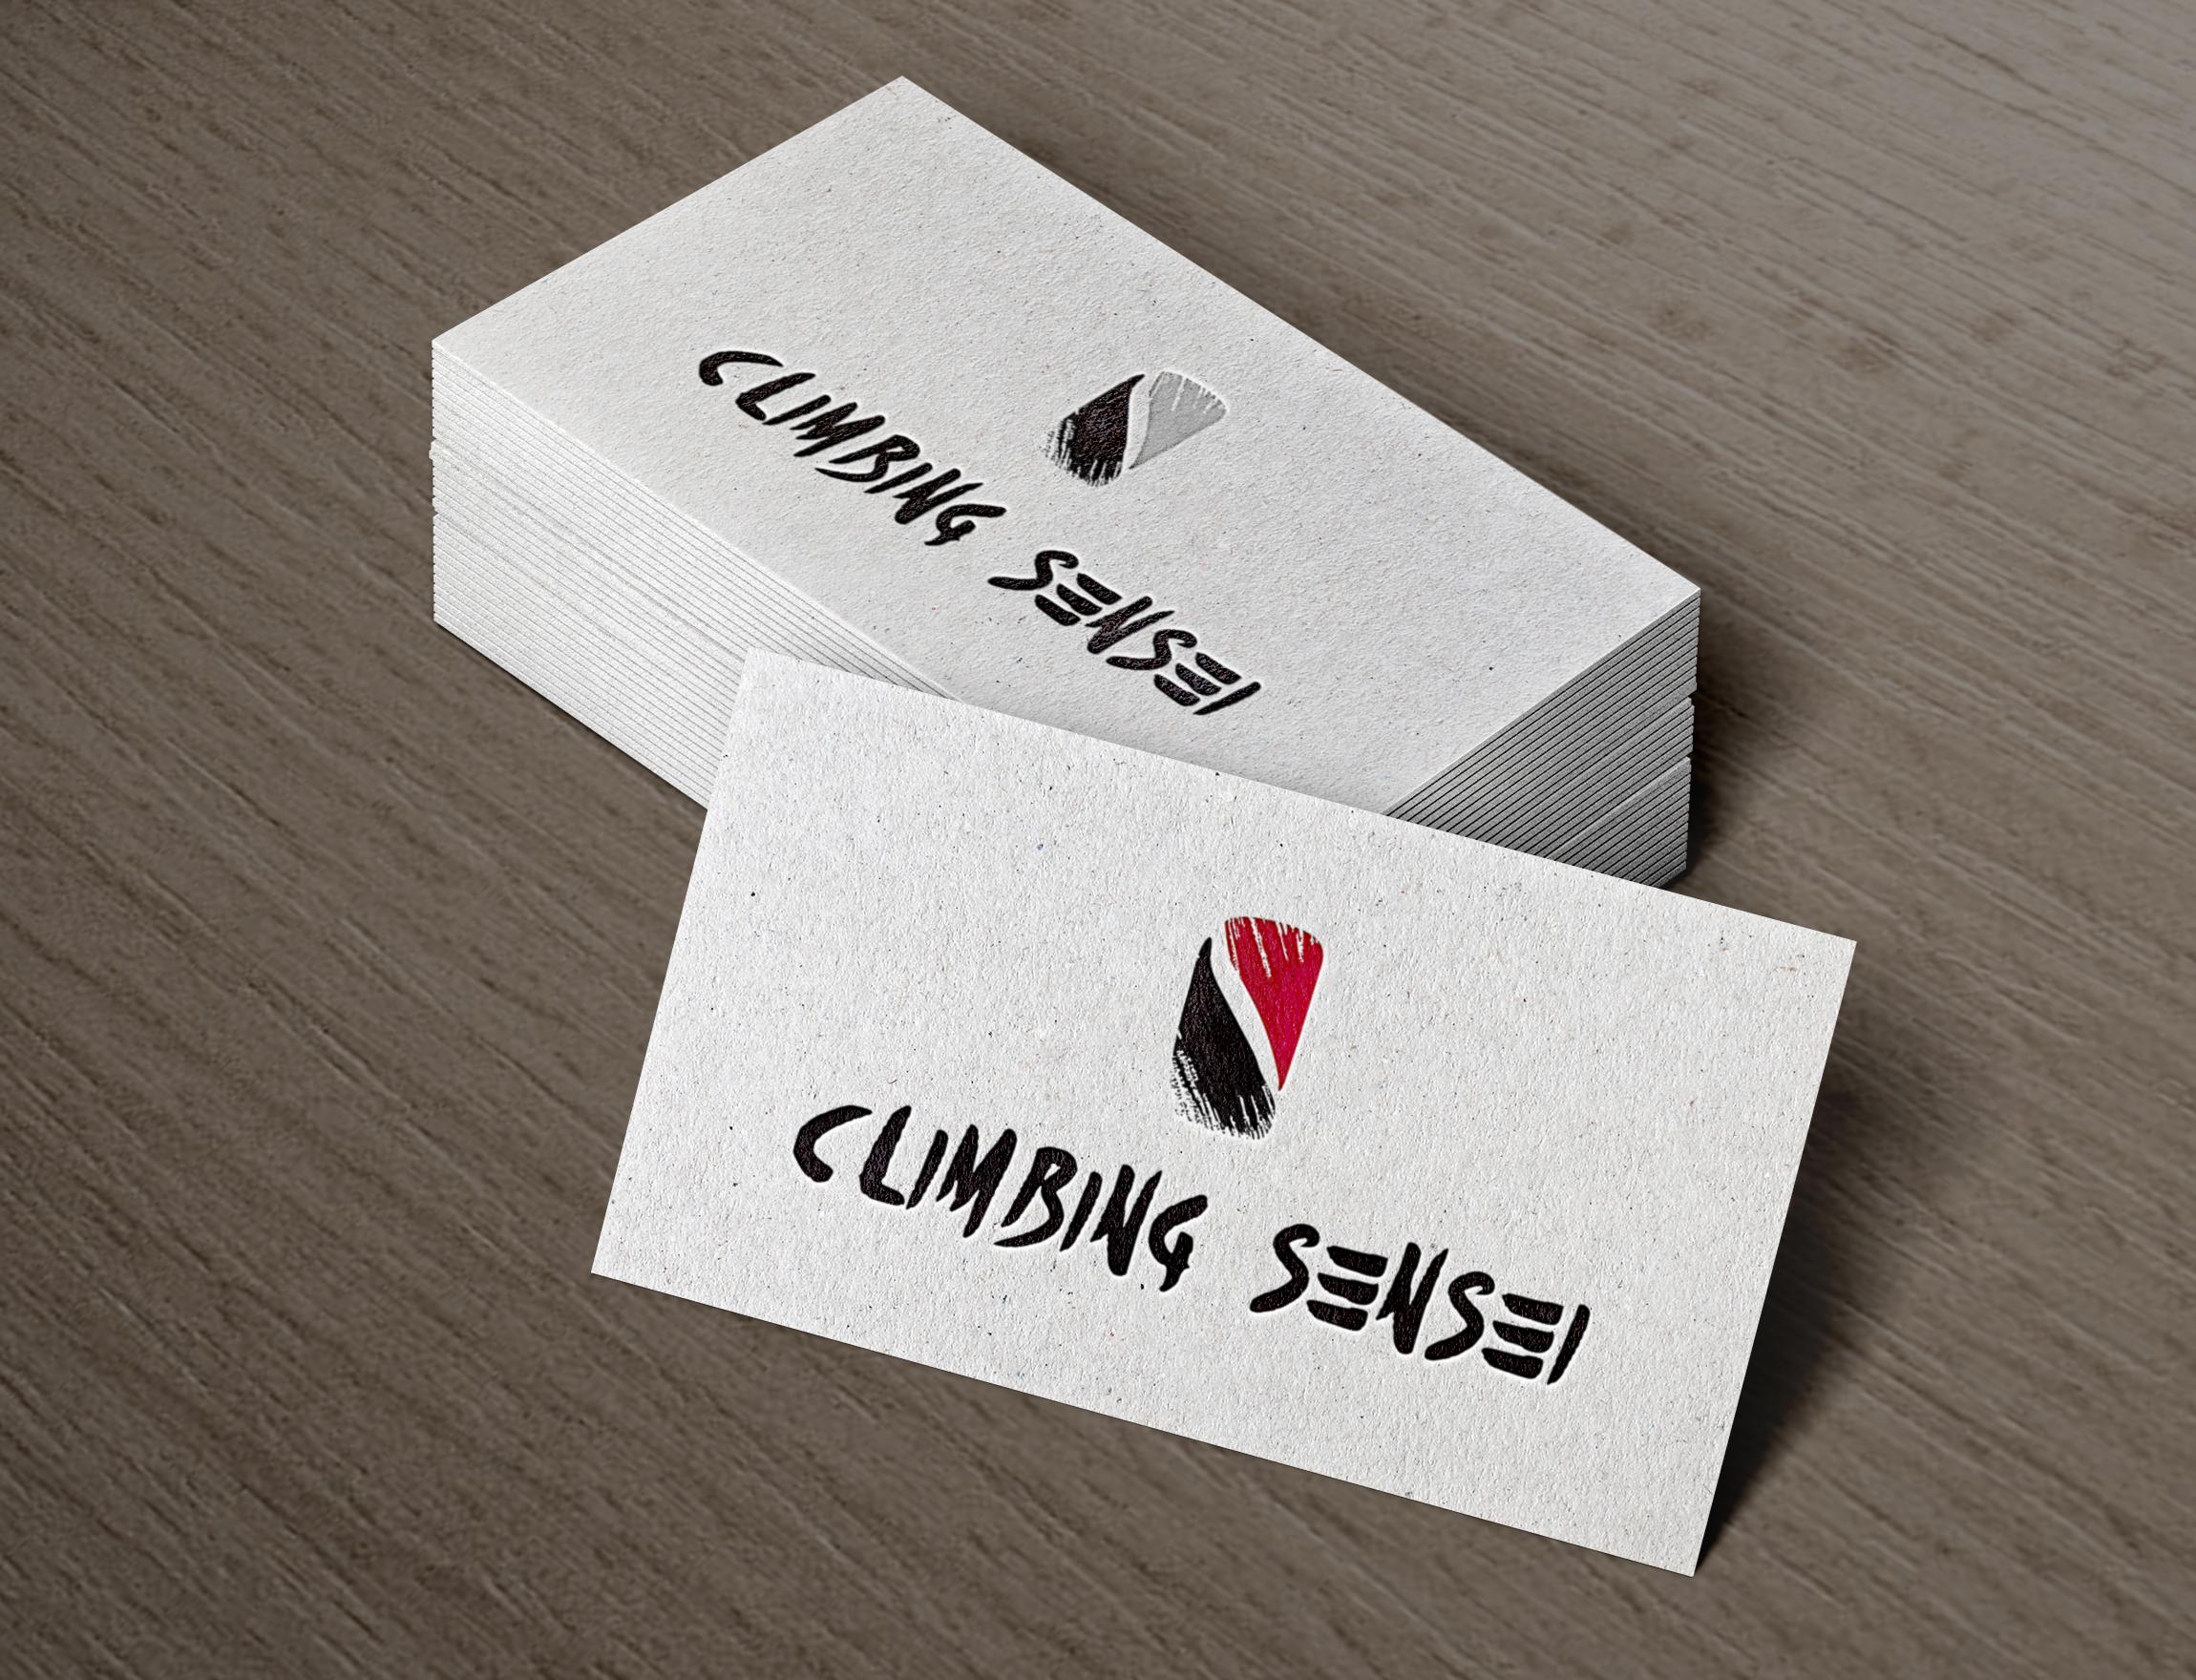 - Climbing sensei